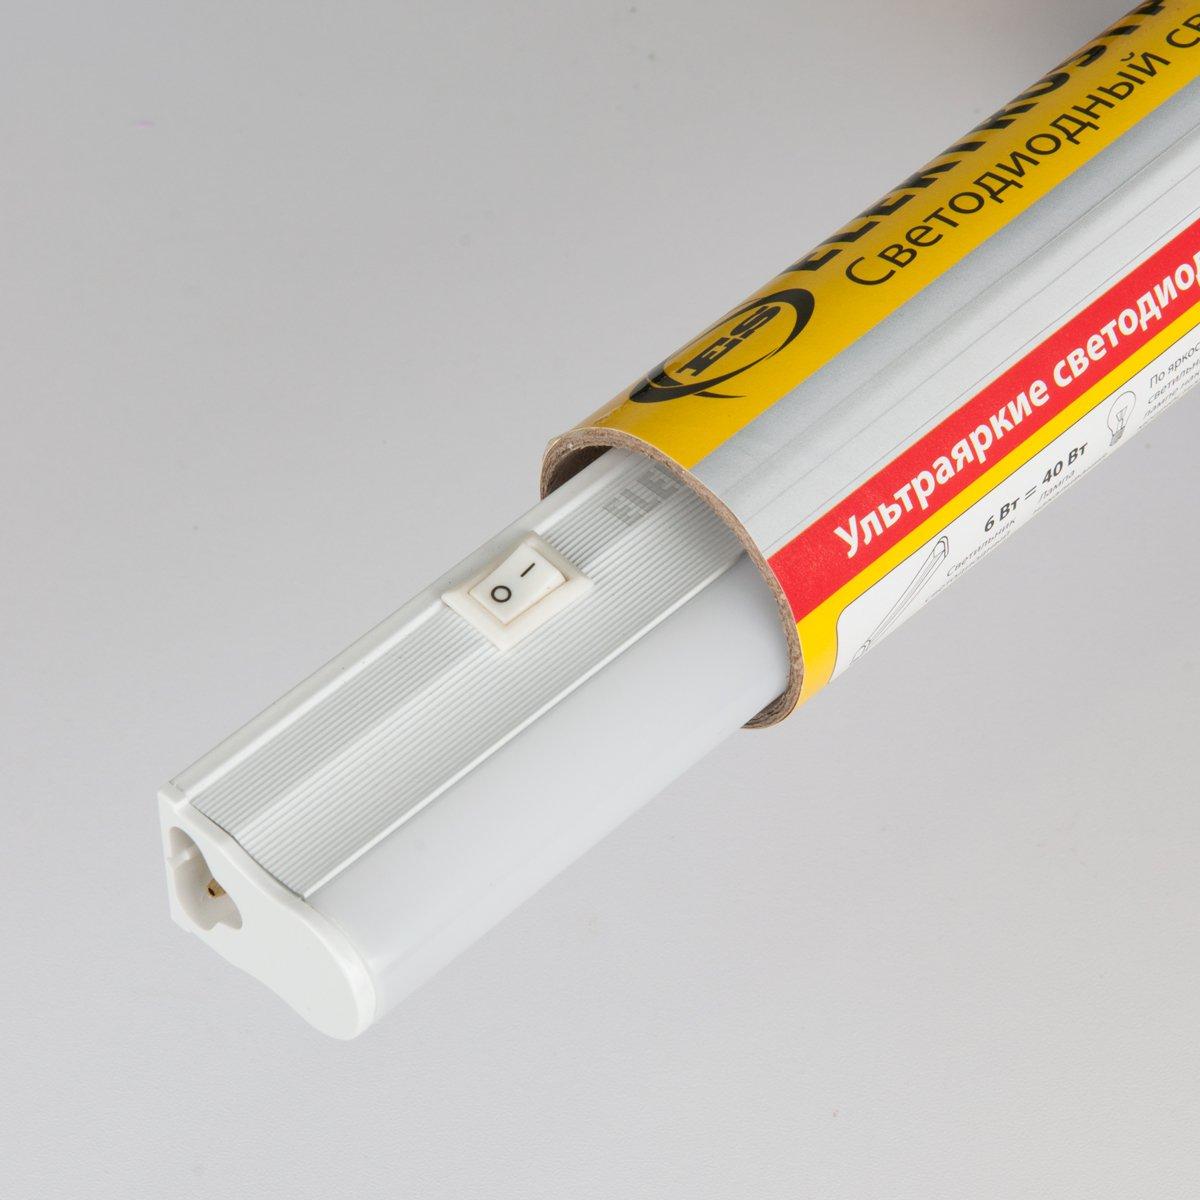 Дополнительное фото 2 товара Накладной светильник Elektrostandard Led Stick a033733